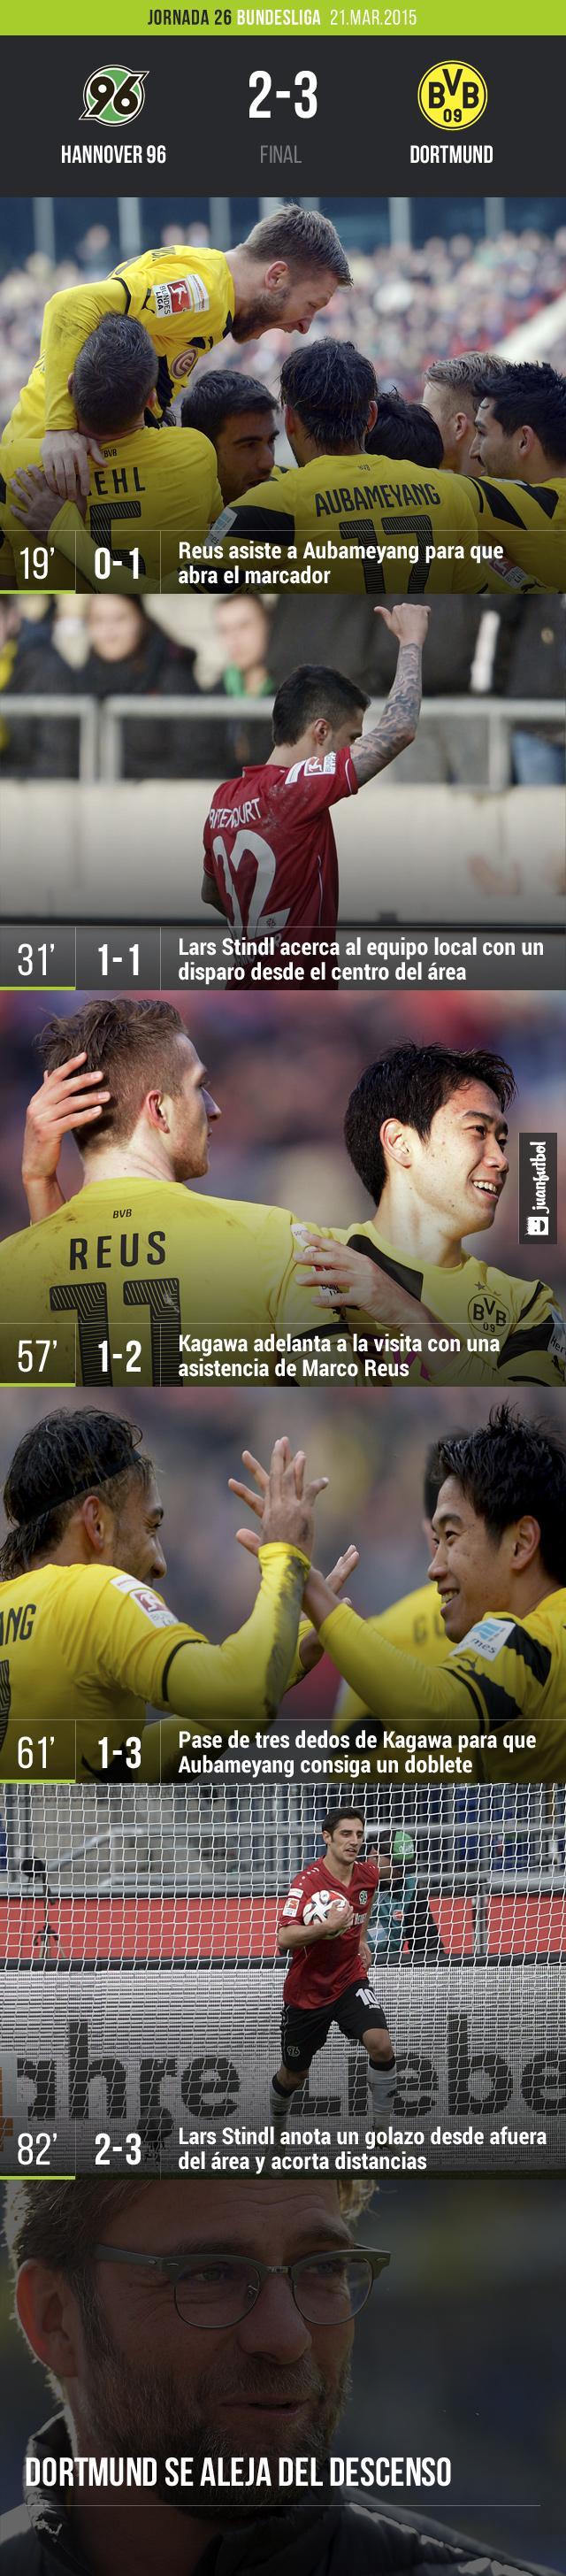 Dortmund gana el su visita a Hannover por 3-2 con goles de Aubameyang (2) y Kagawa.